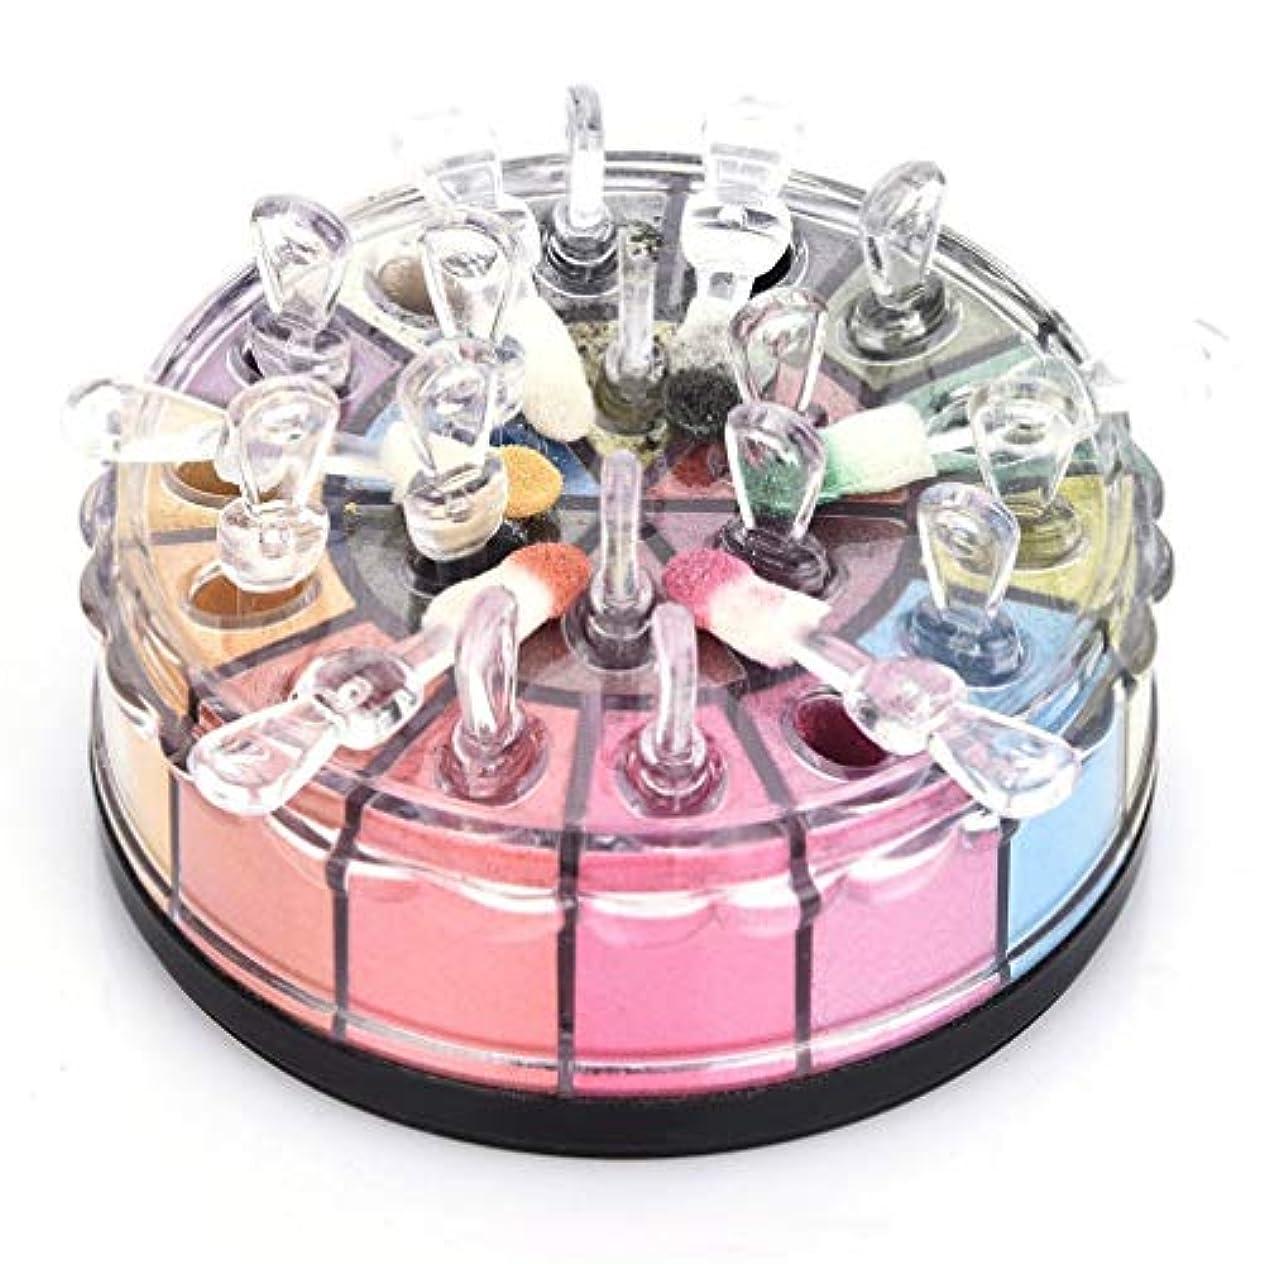 冷蔵庫アボート満足させる20色シマーグリッターアイシャドウパウダーパレットの化粧品のメイクアップキット地球色のスモーキーアイズ顔料ミネラルアイシャドウセット